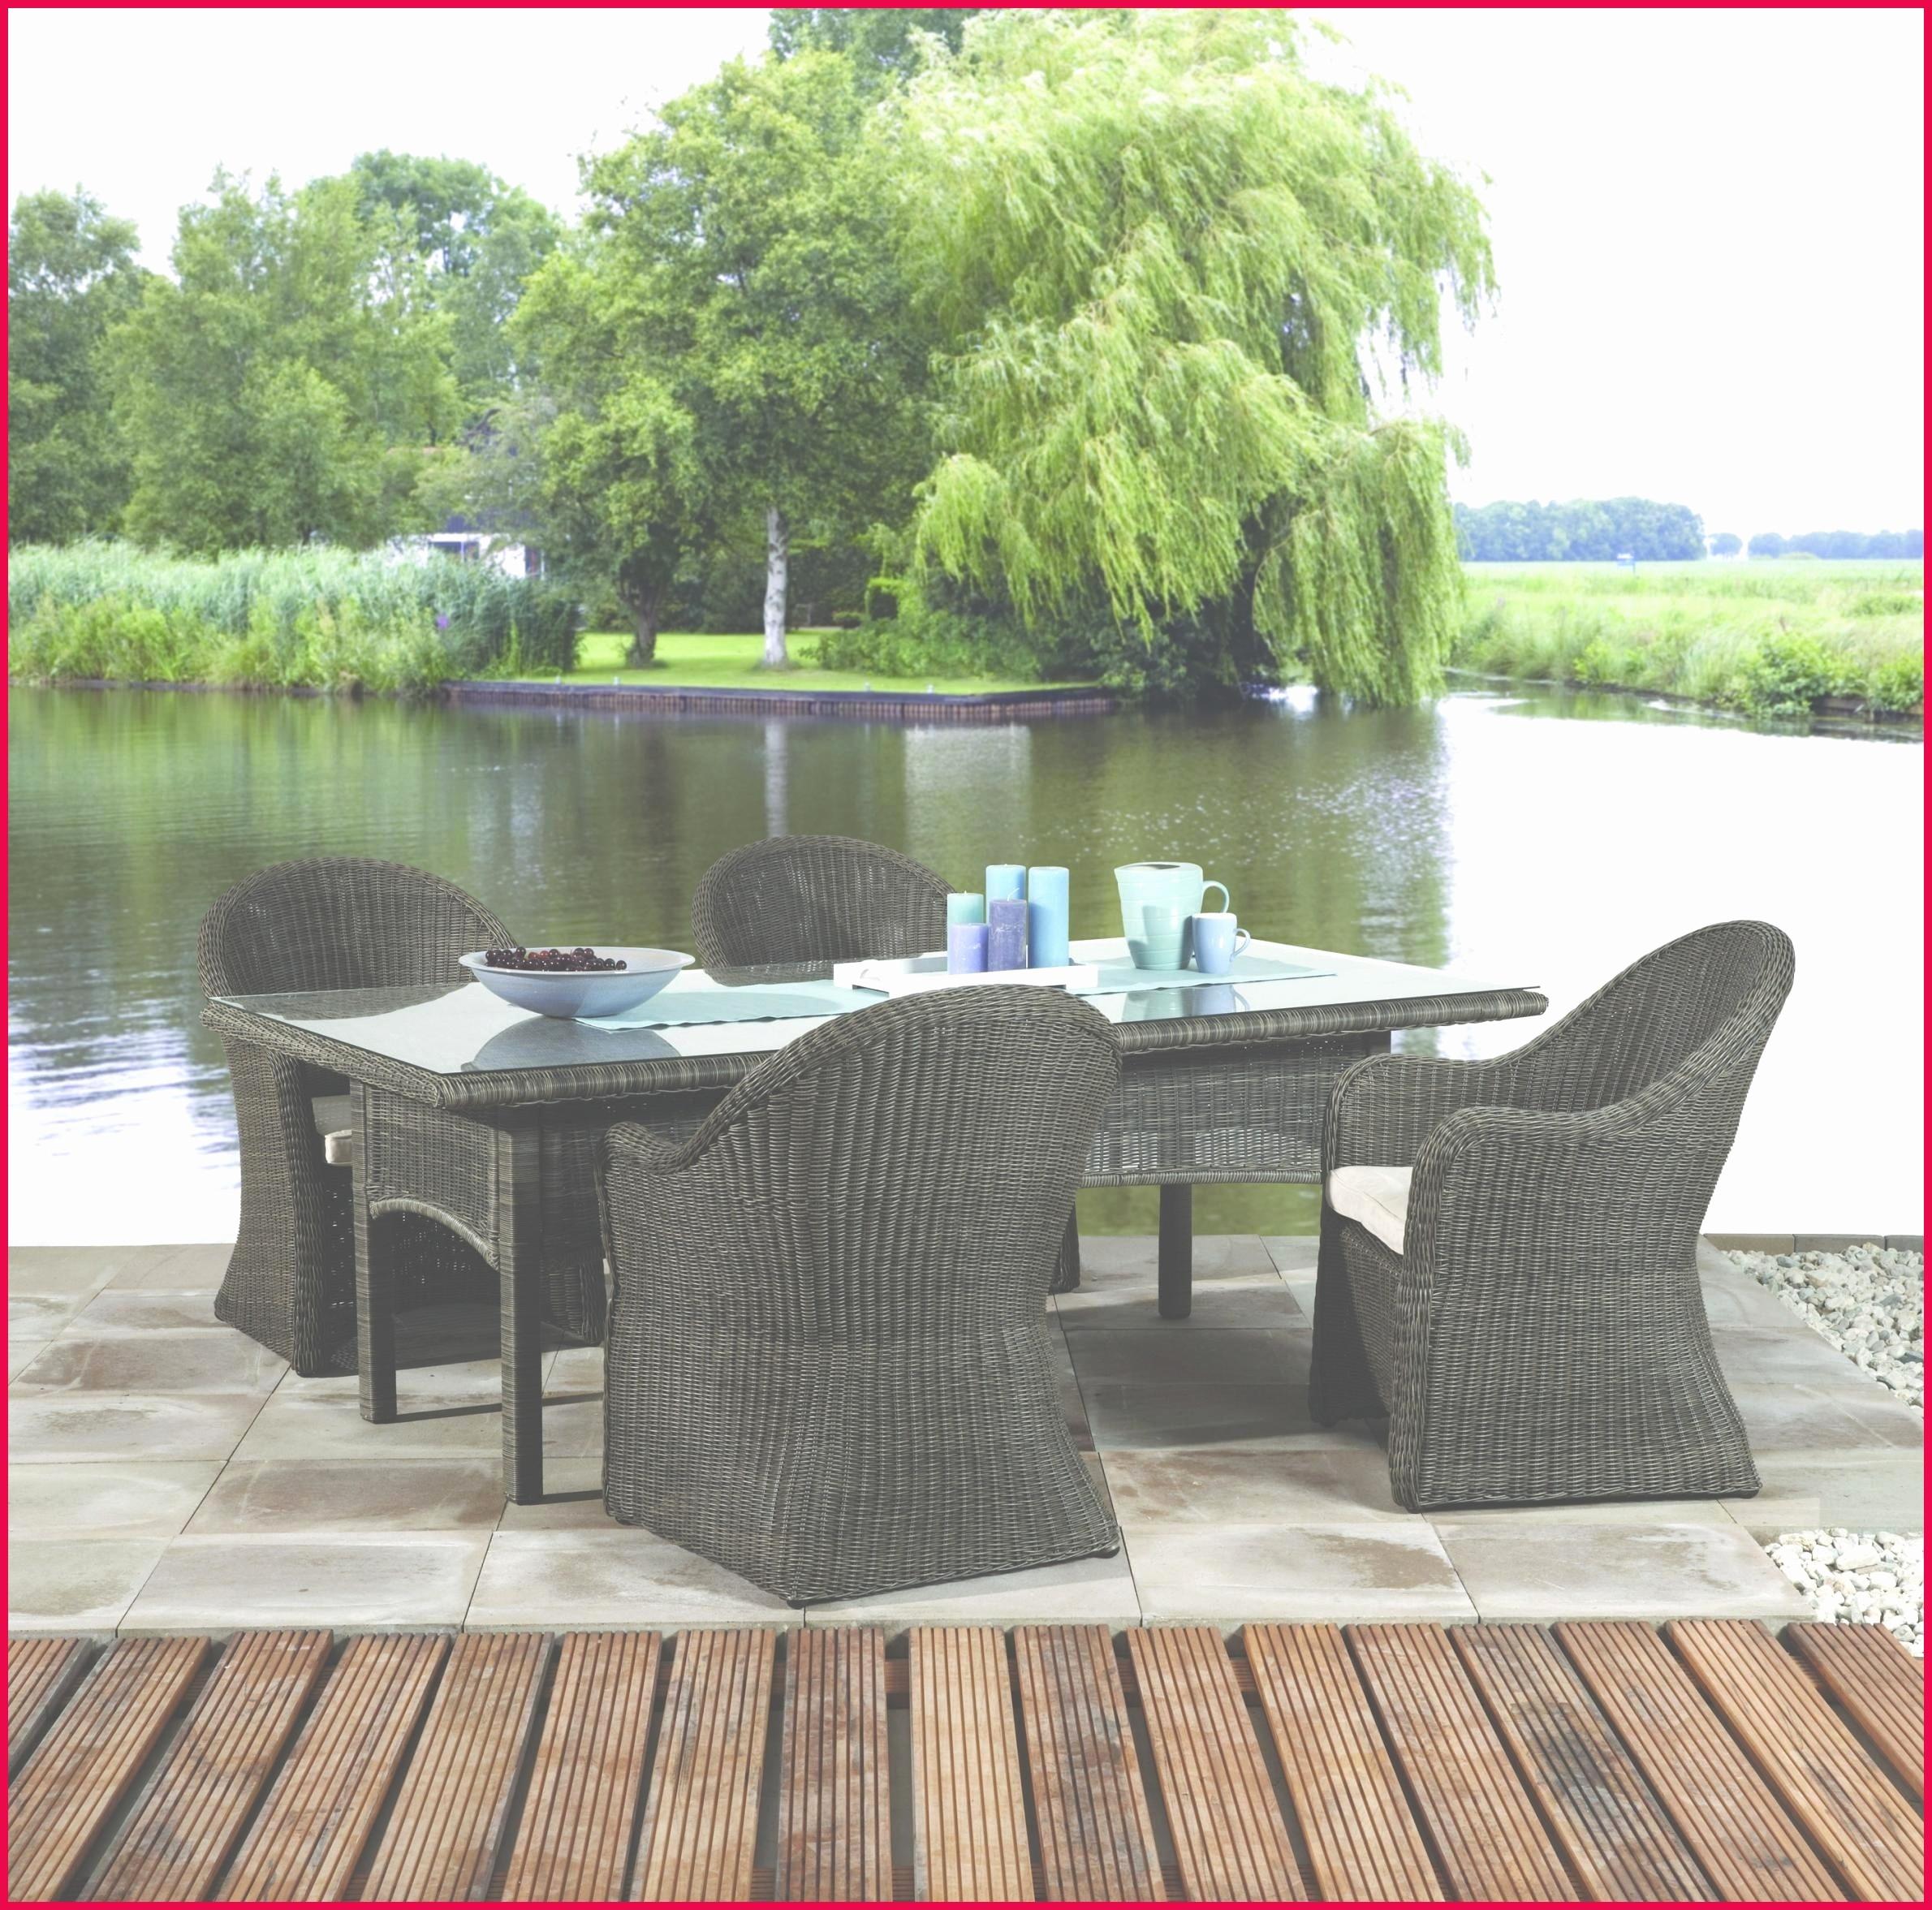 Table Et Chaises De Jardin Leclerc Beau Galerie Table Et Chaises De Jardin Leclerc Aussi Charmant 15 Inspirational